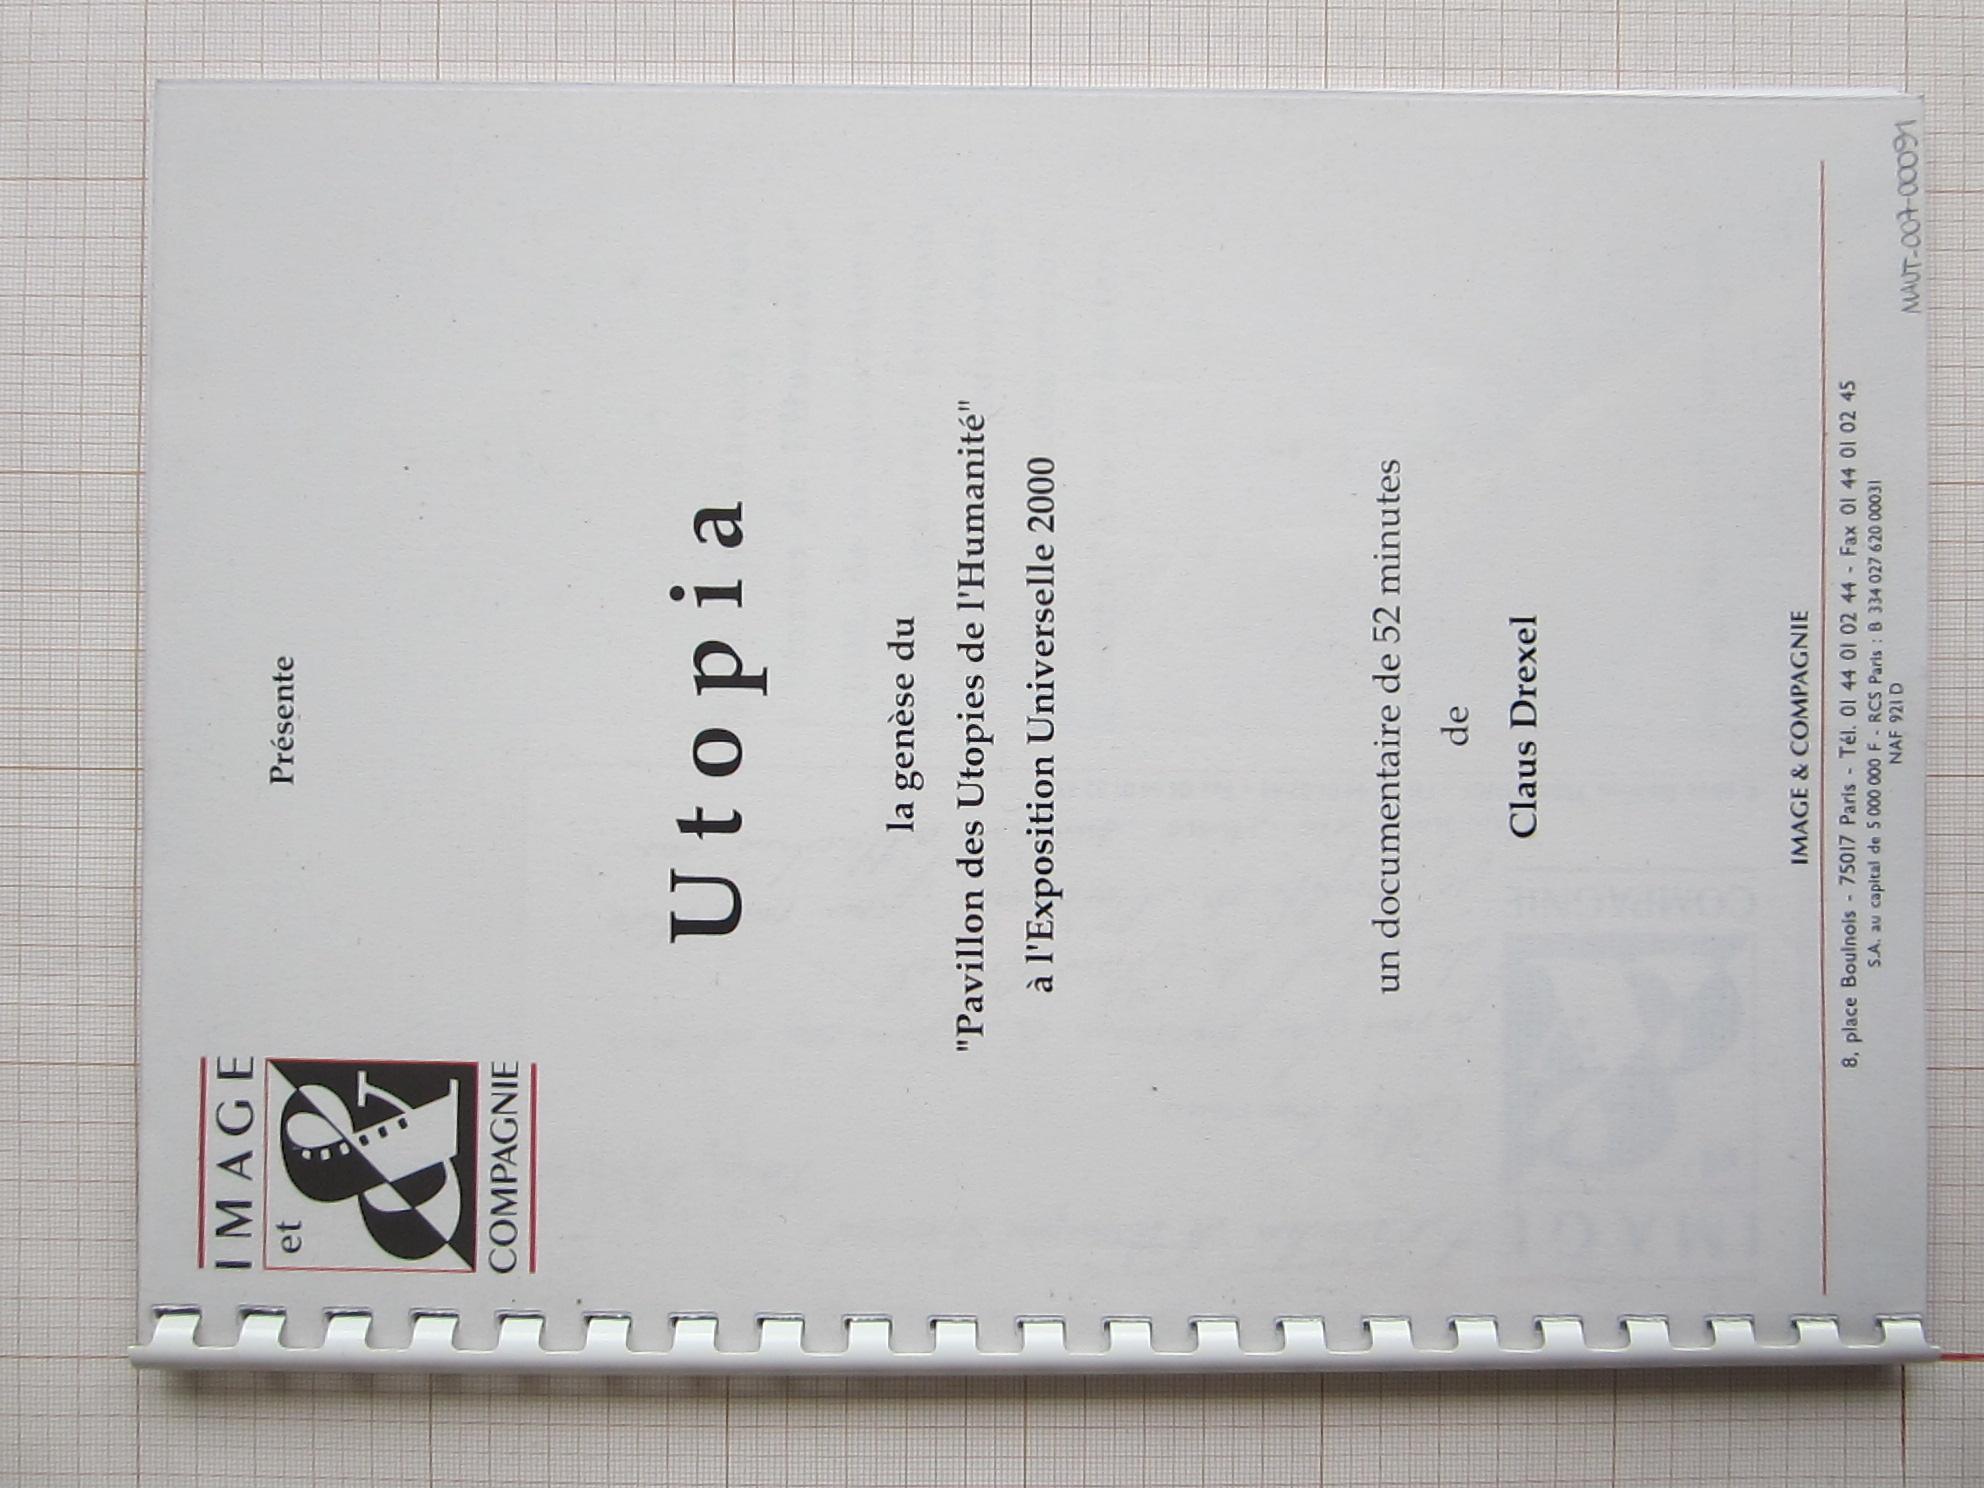 """Utopia, la genèse du """"Pavillon des Utopies de l'Humanité"""" à l'Exposition Universelle 2000© Claus Drexel / Oscar Strasnoy, 2000"""